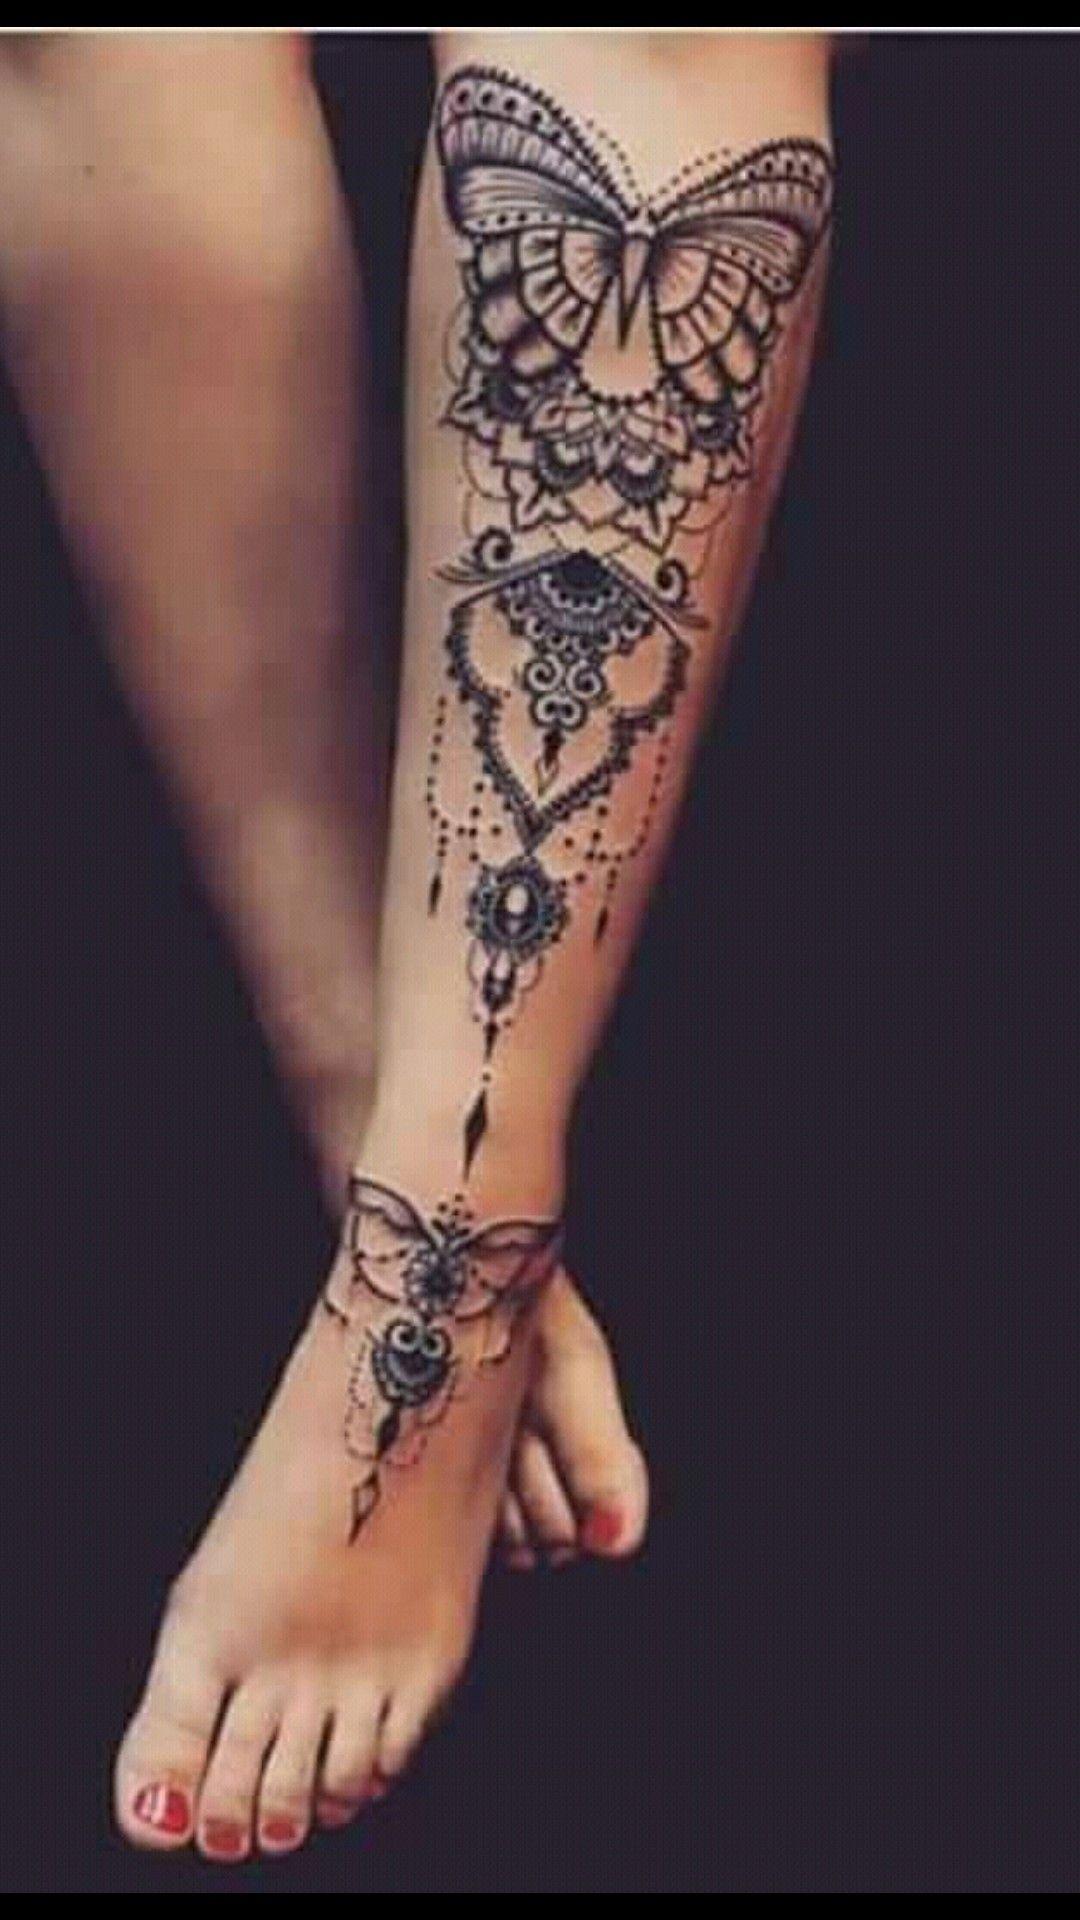 Pin by Jessica on Tattoo ideas Leg tattoos women, Shin